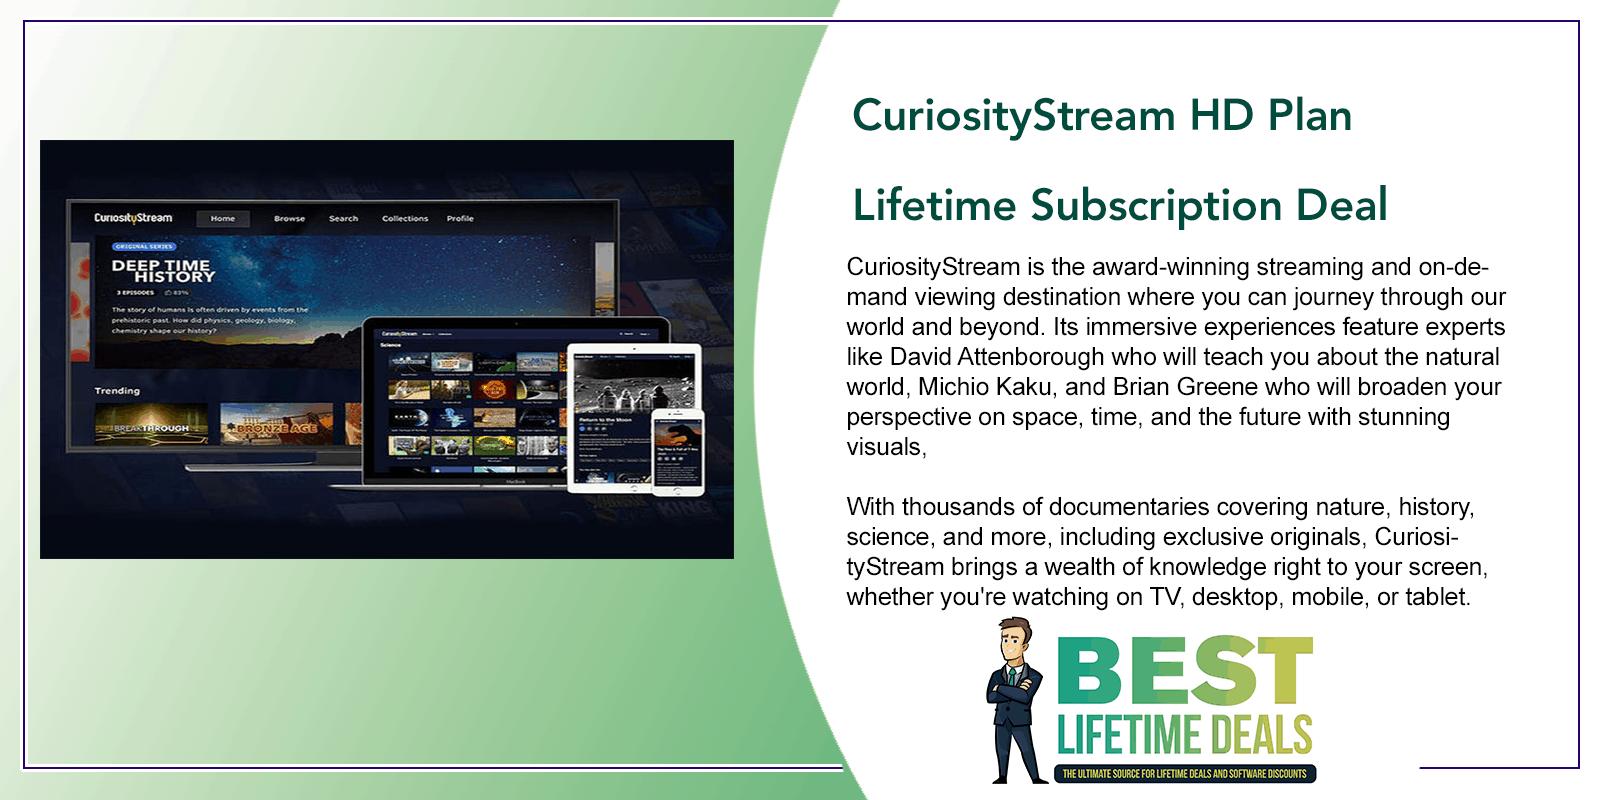 CuriosityStream HD Plan Lifetime Subscription Deal